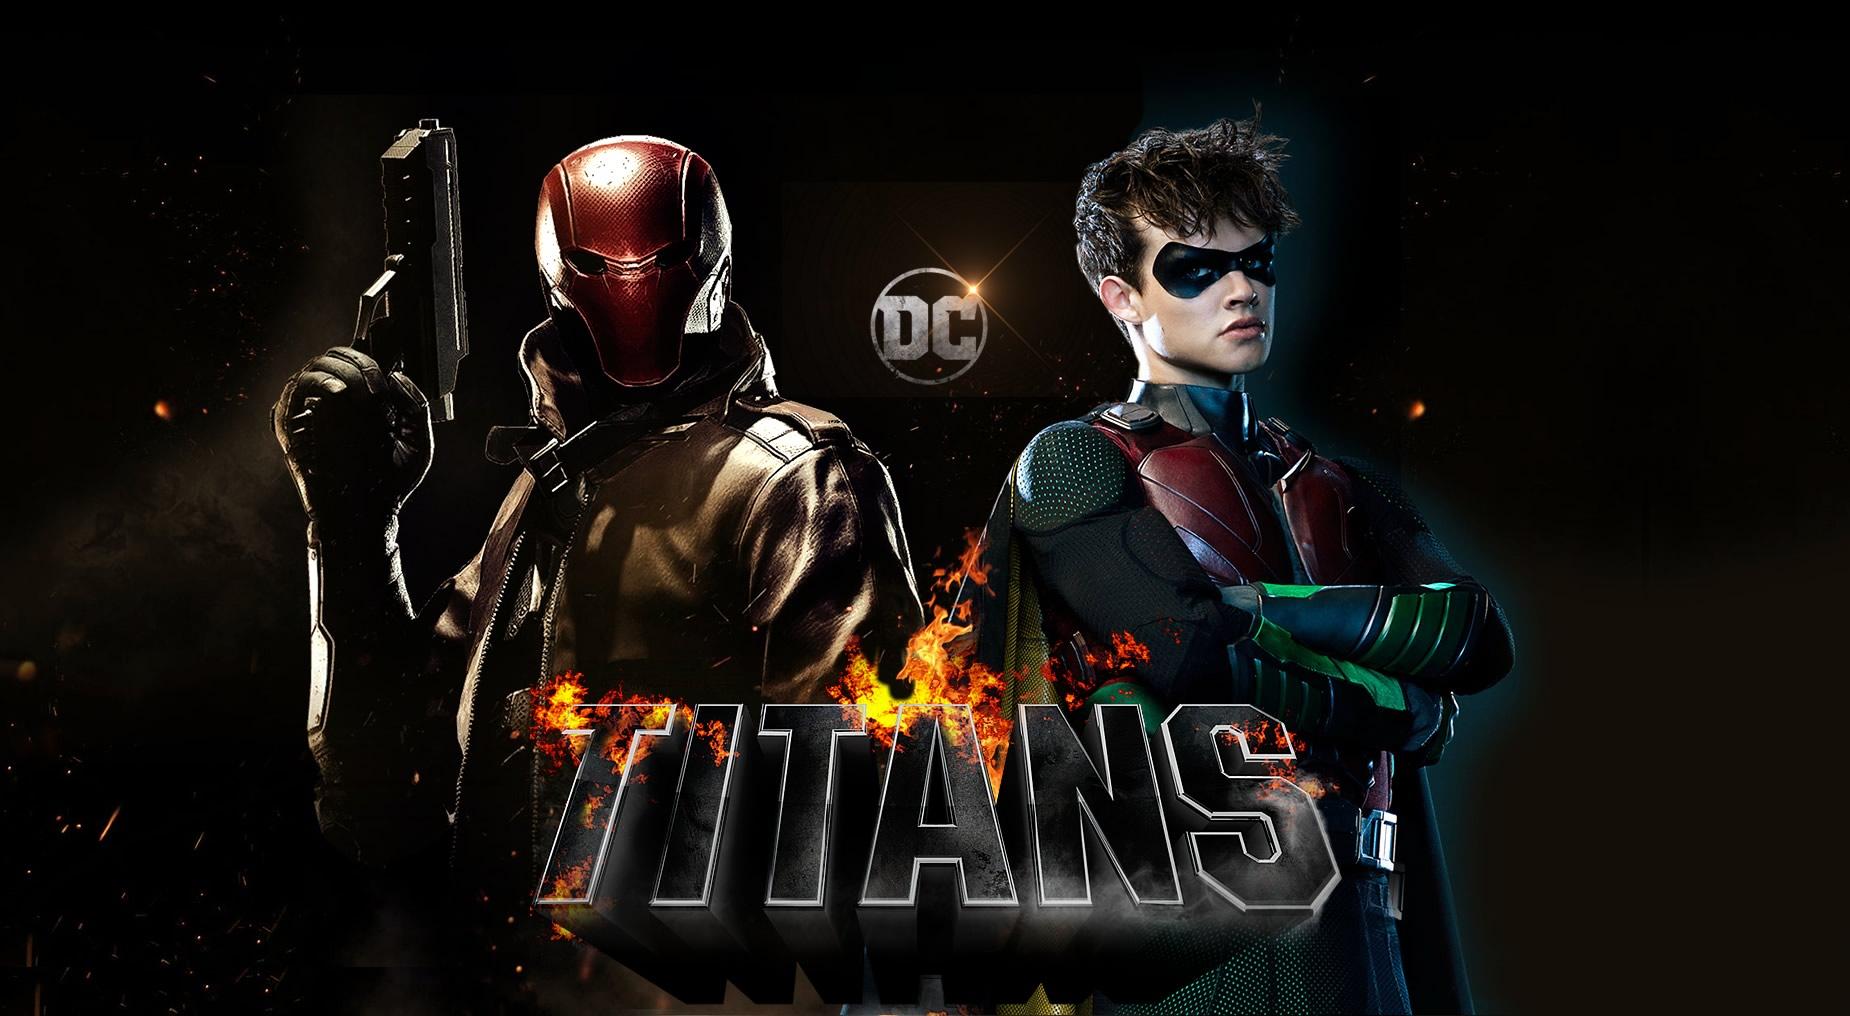 Titans Terceira temporada terá a volta de Jason Todd como Capuz Vermelho